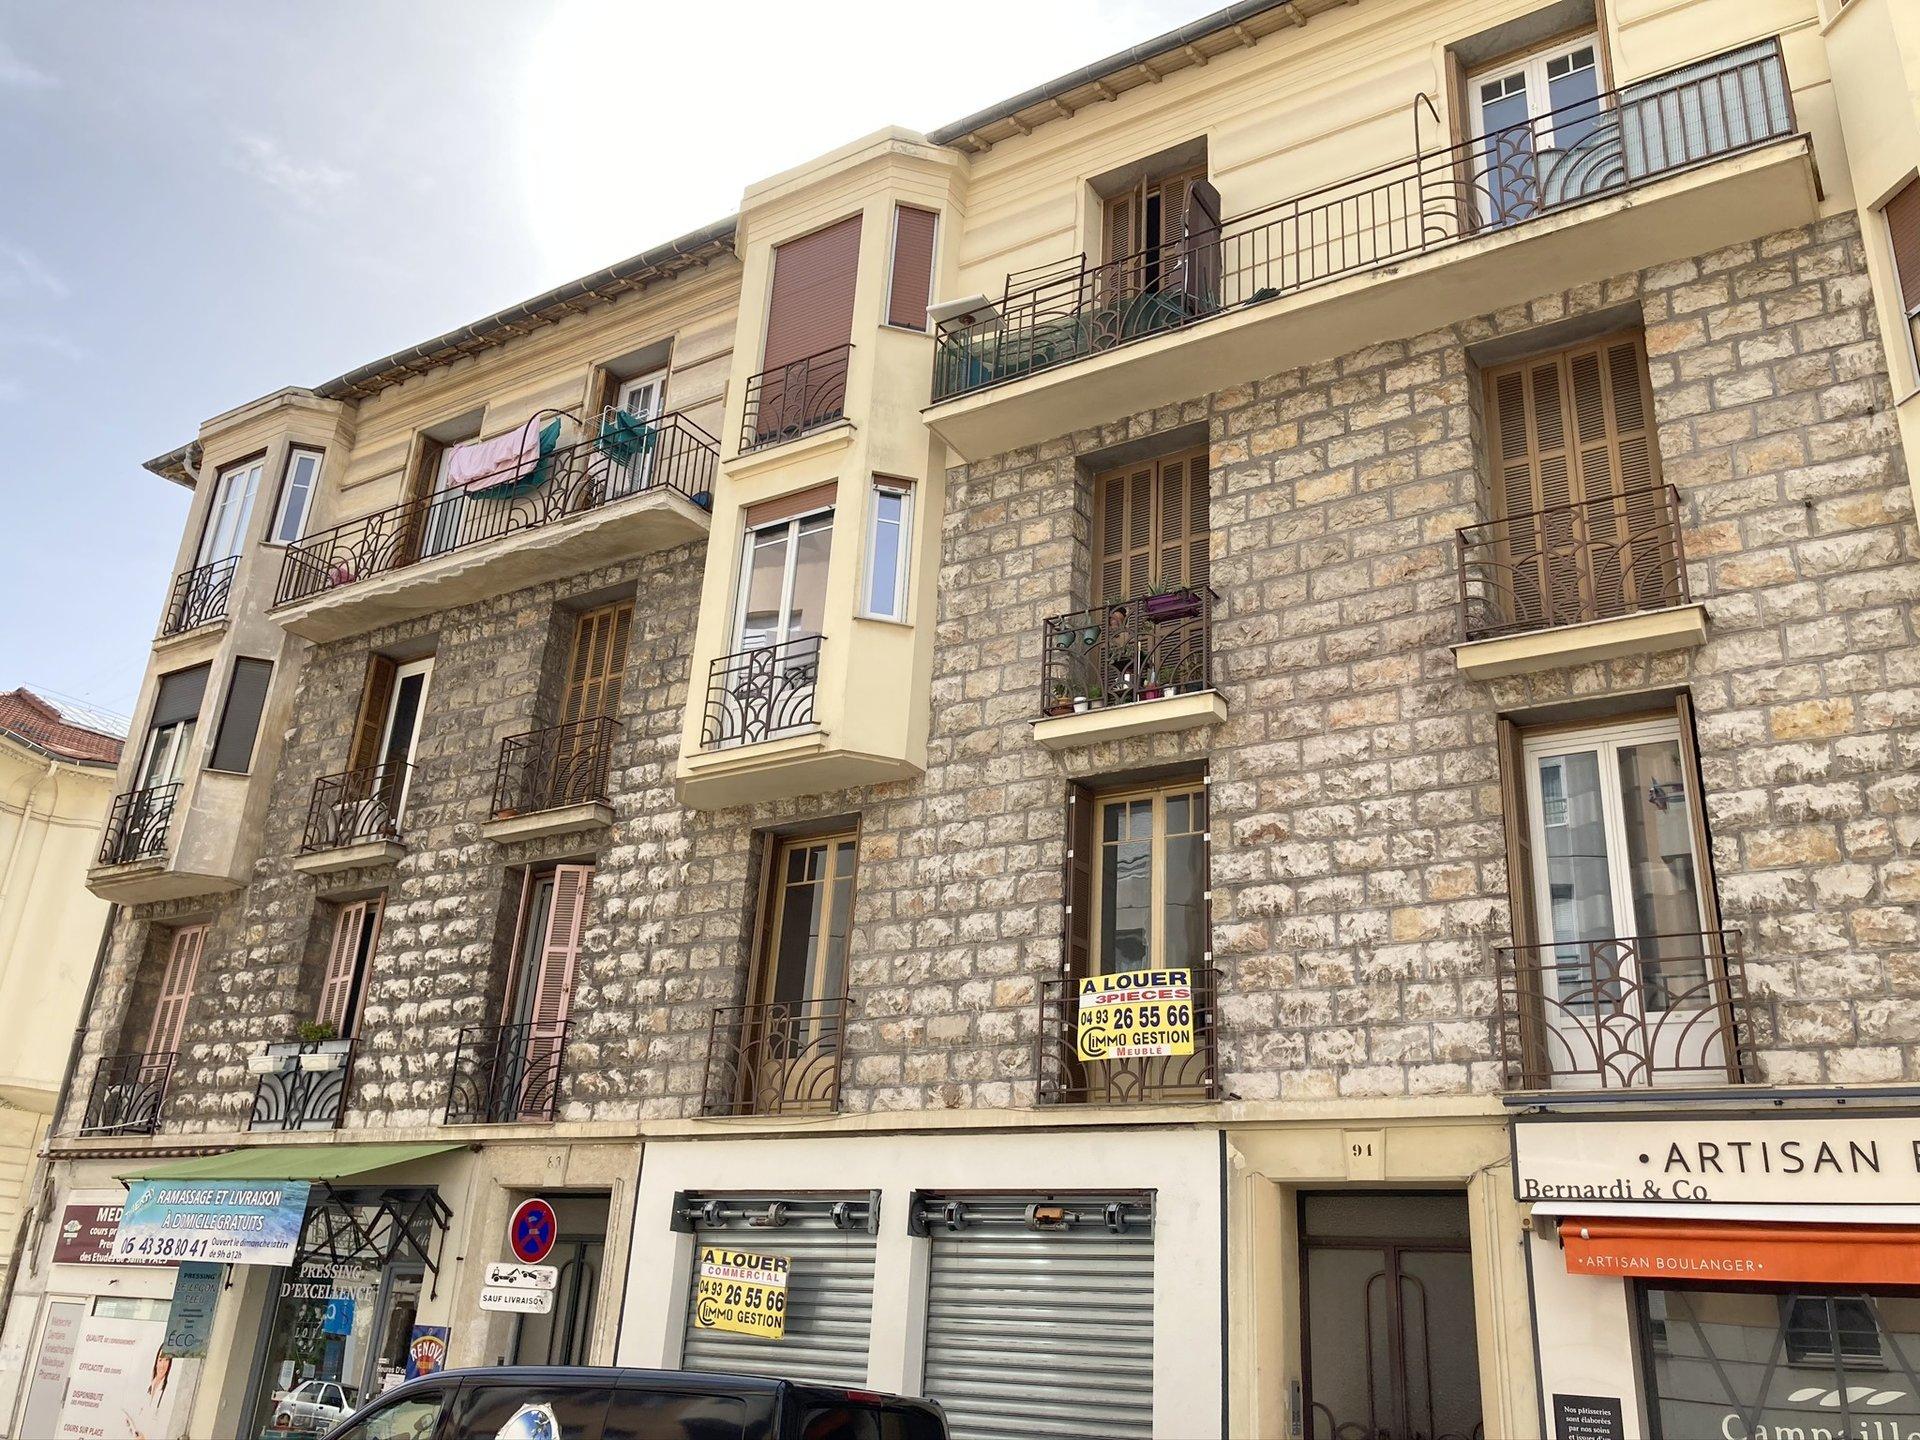 Affitto Appartamento - Nizza (Nice) Borriglione